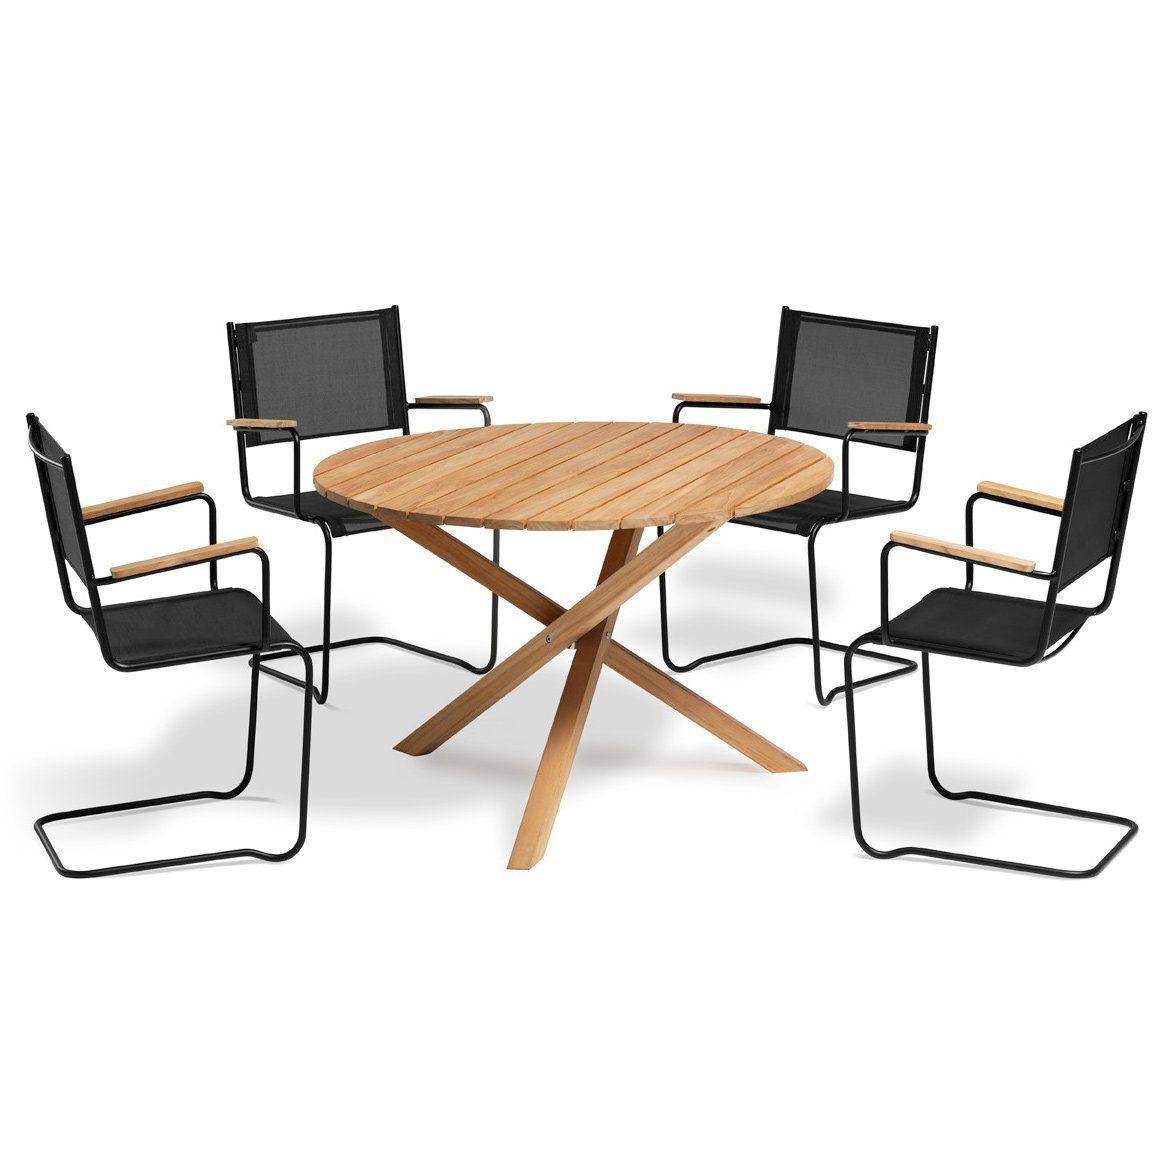 Summer fåtölj i svart med Summer matbord från Inout | Form.